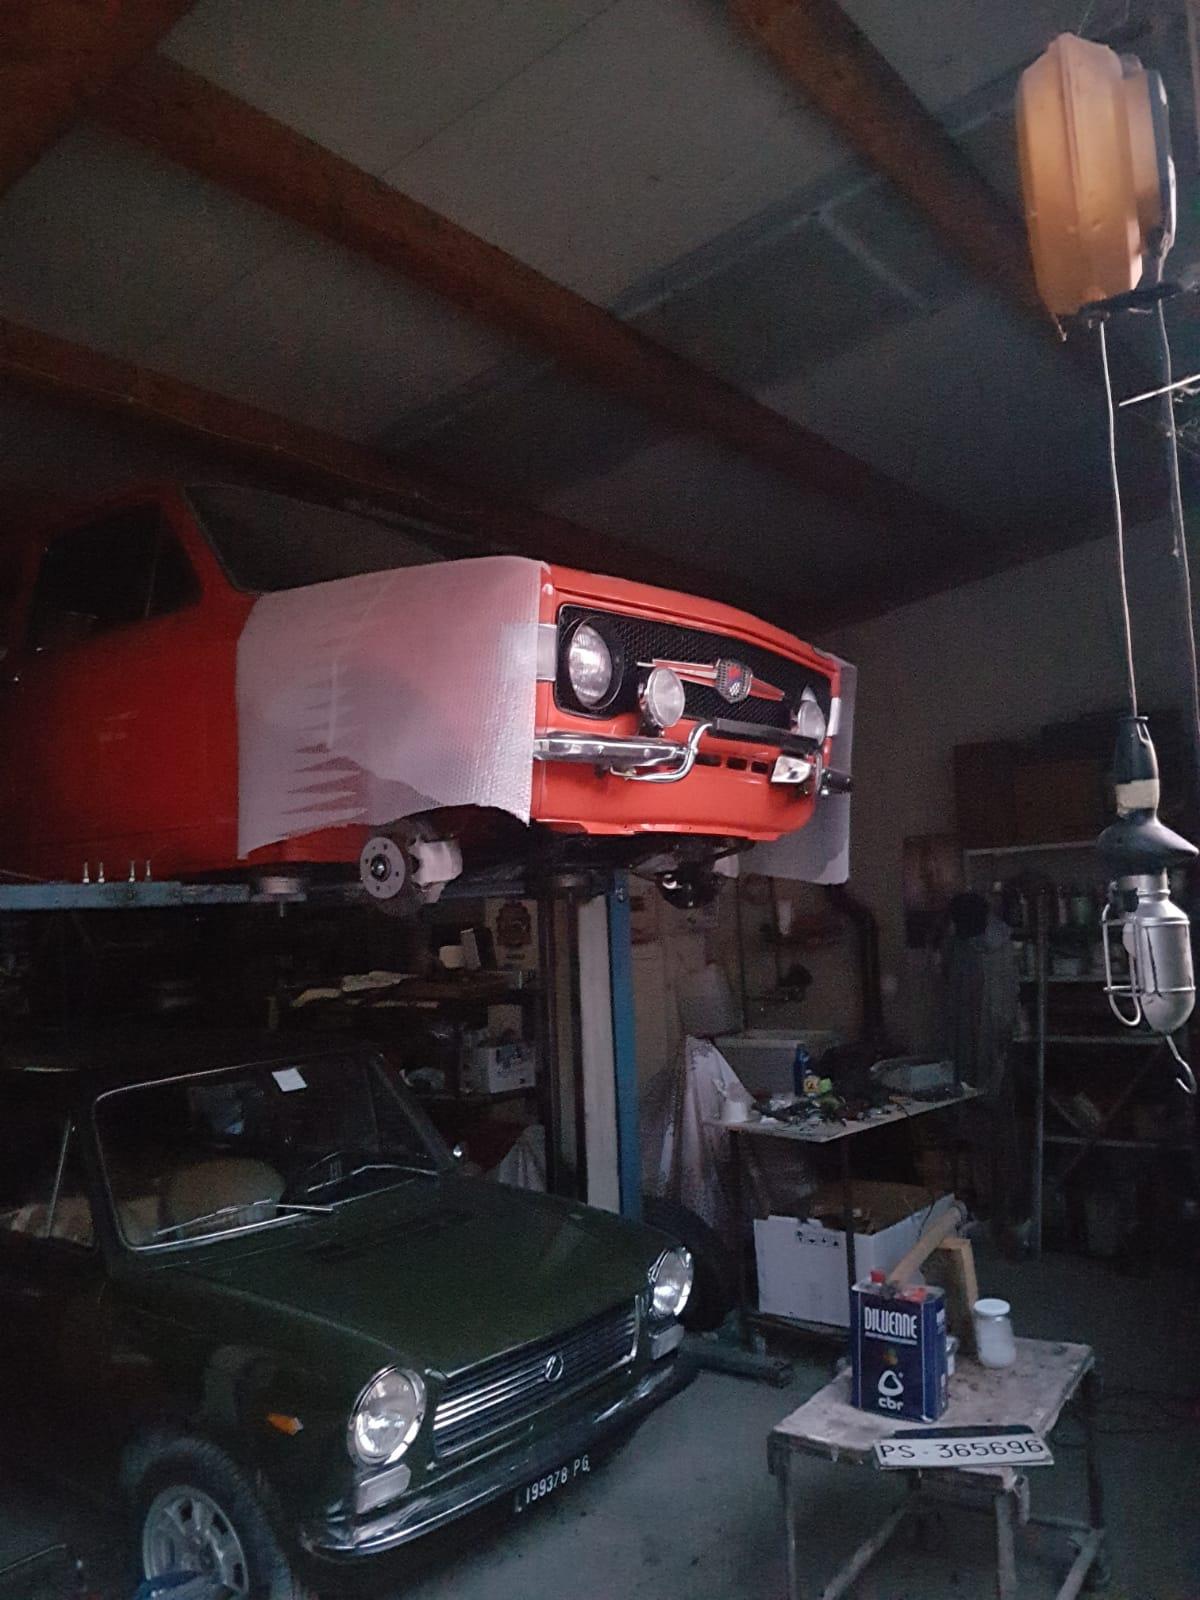 il restauro di una auto, fatto da un gruppo di amici